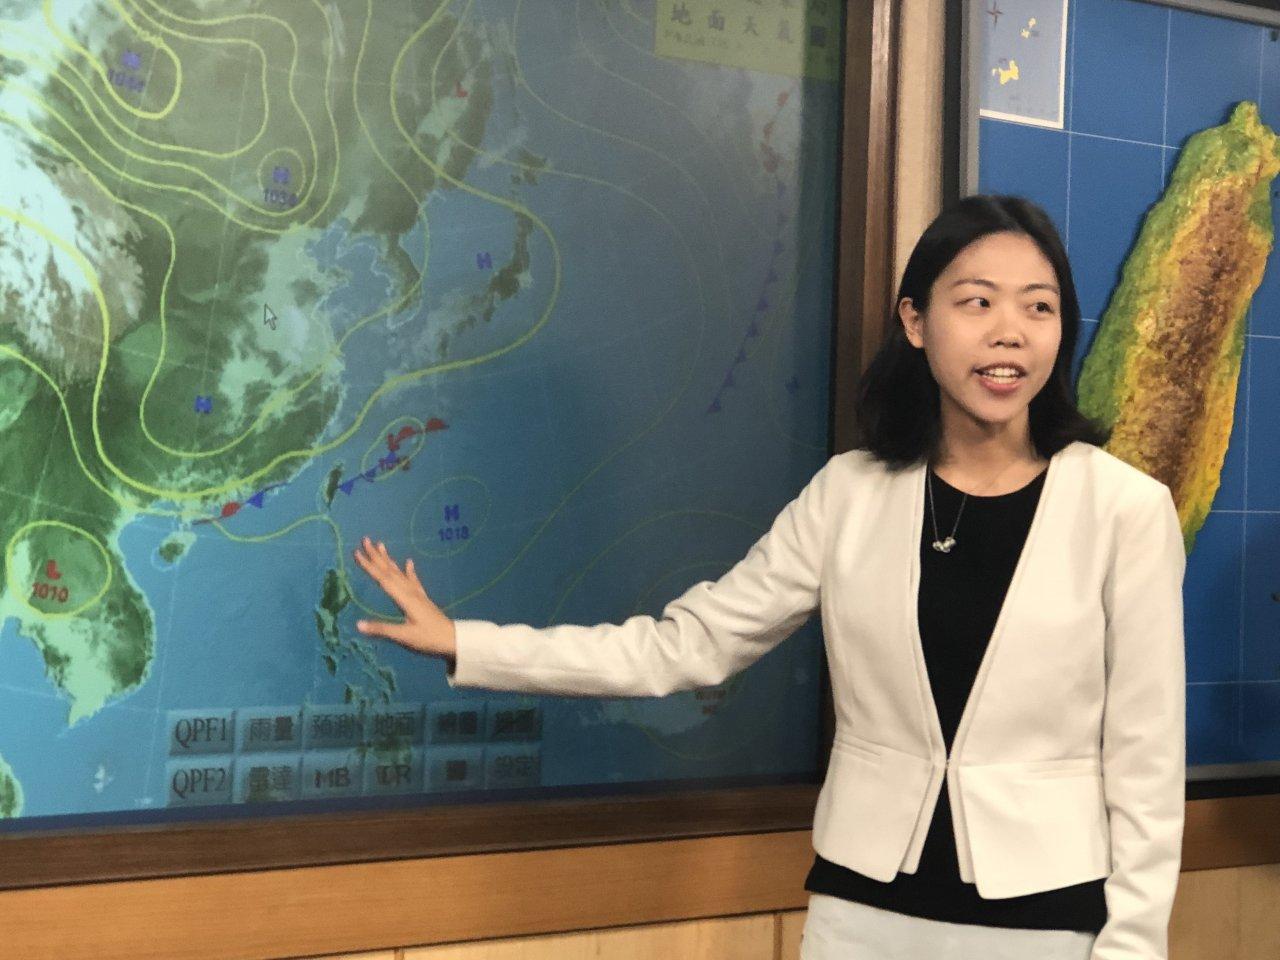 冷氣團與華南雲系交會 未來三天濕冷、高山有雪